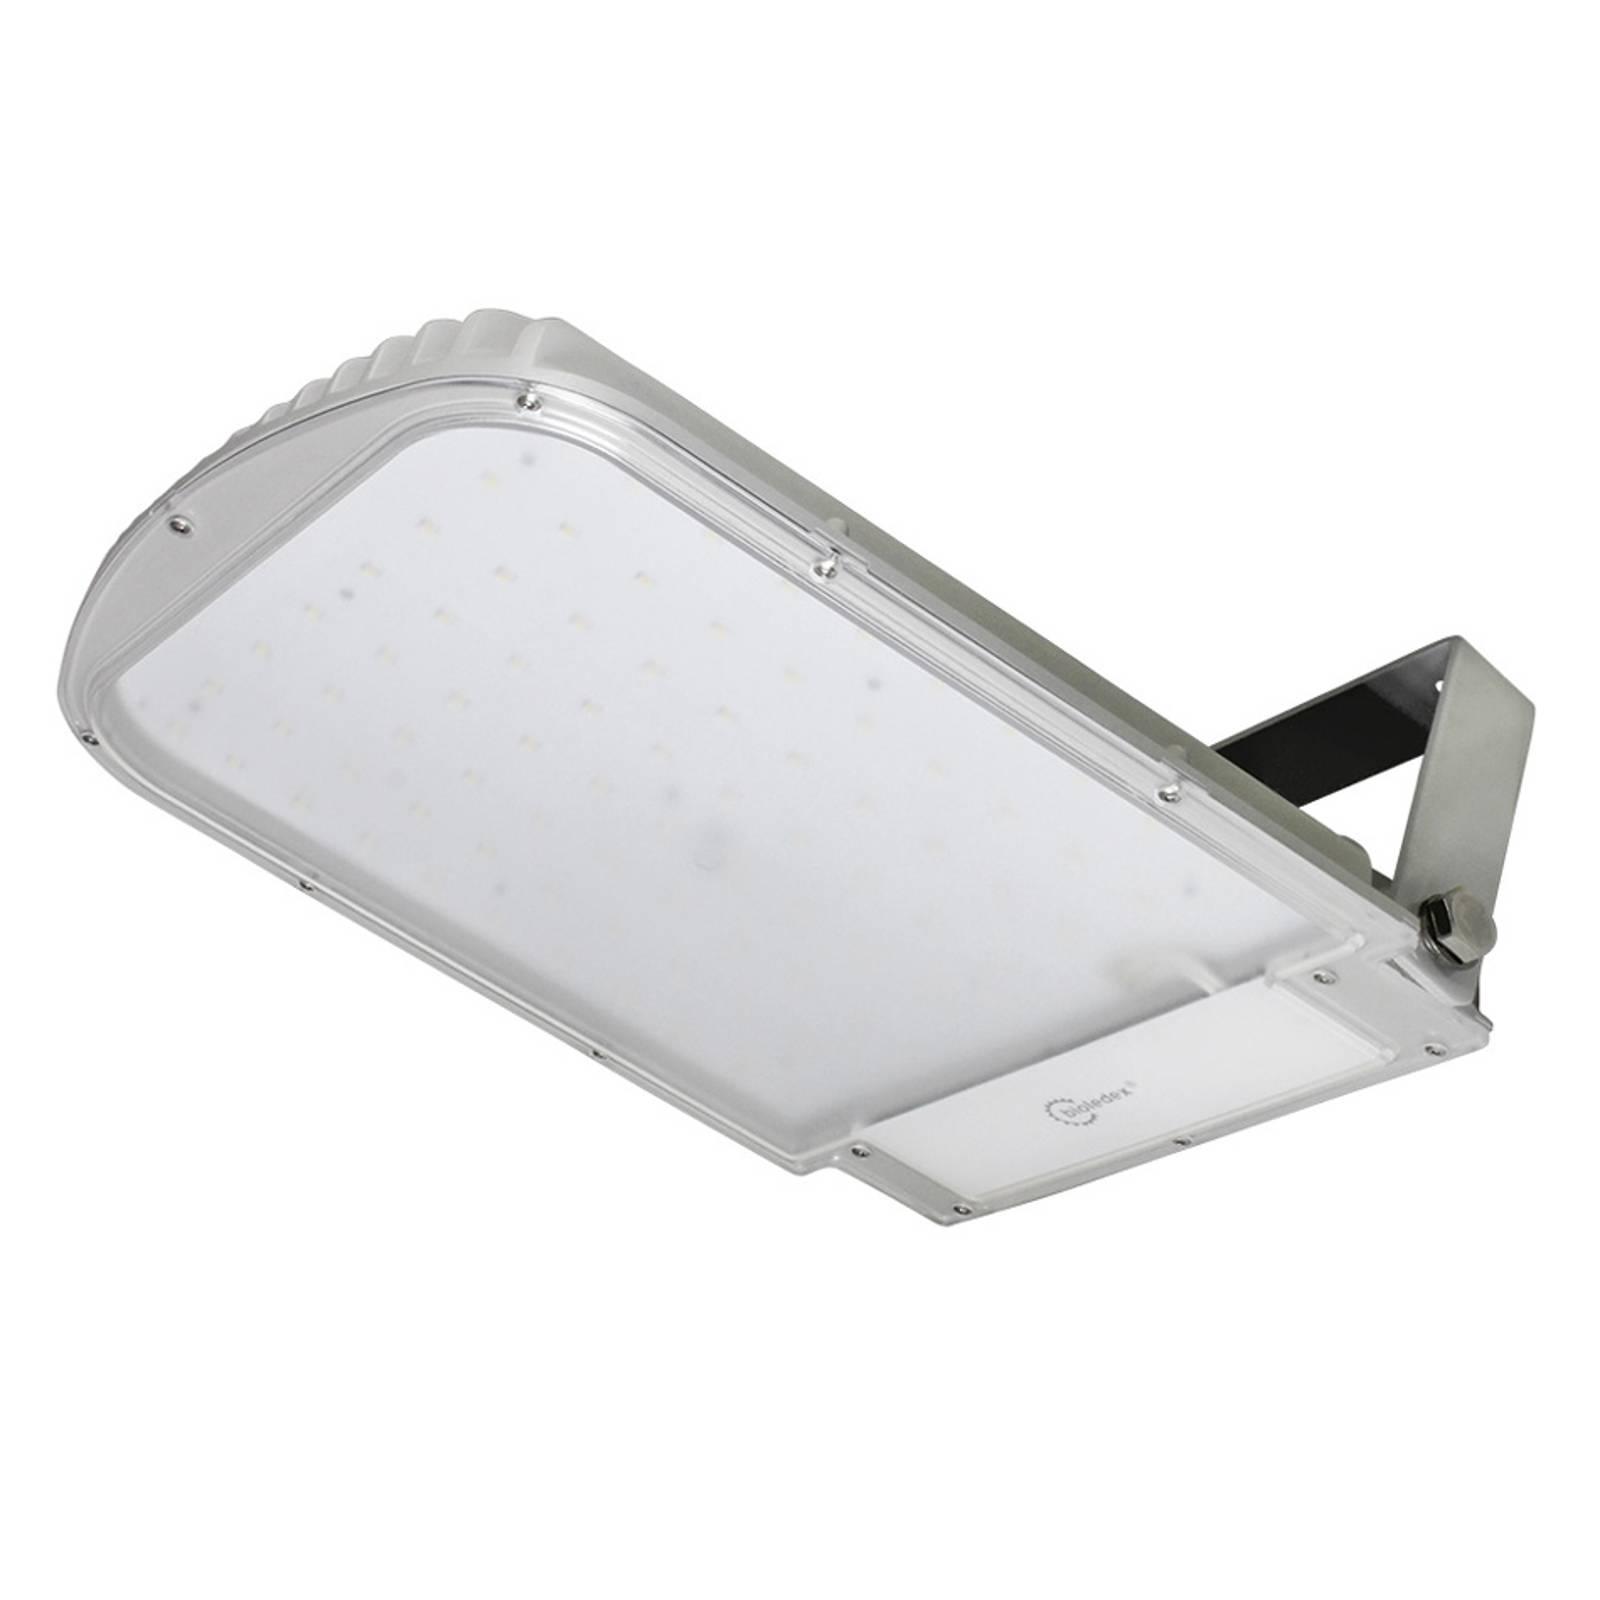 LED spot Astir 50W warmwit 3.000K 120°